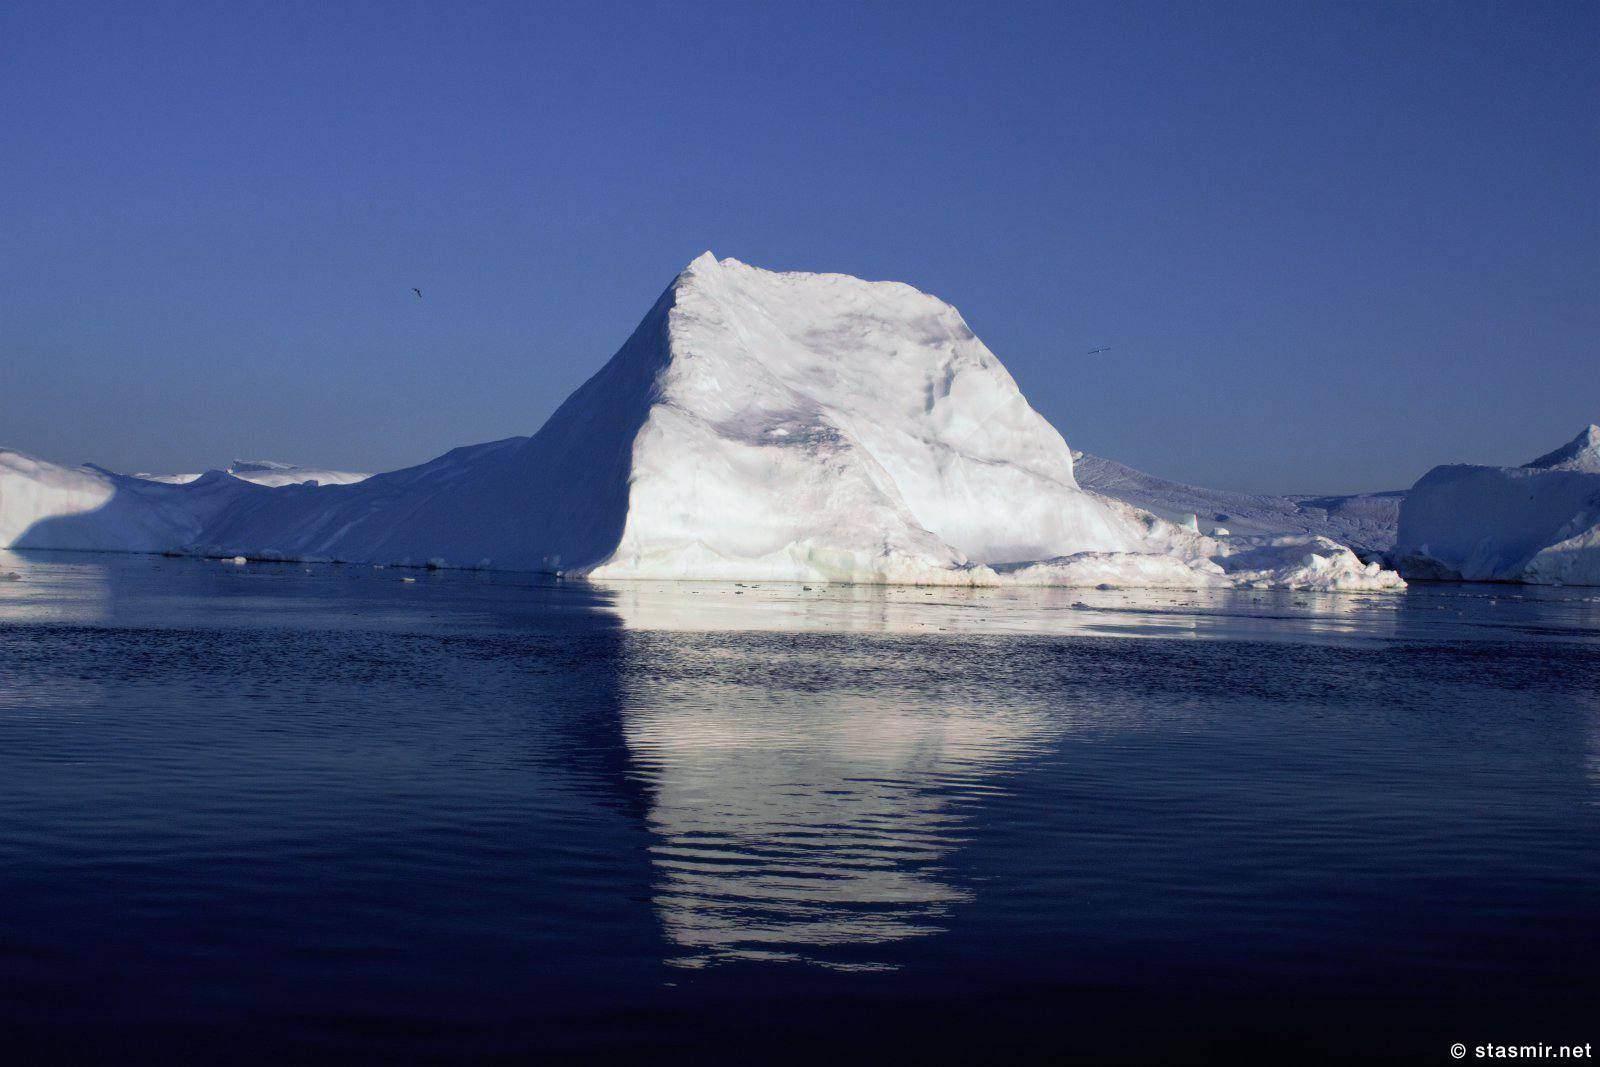 Айсберг в заливе Диско, Гренландия, фото Стасмир, photo Stasmir